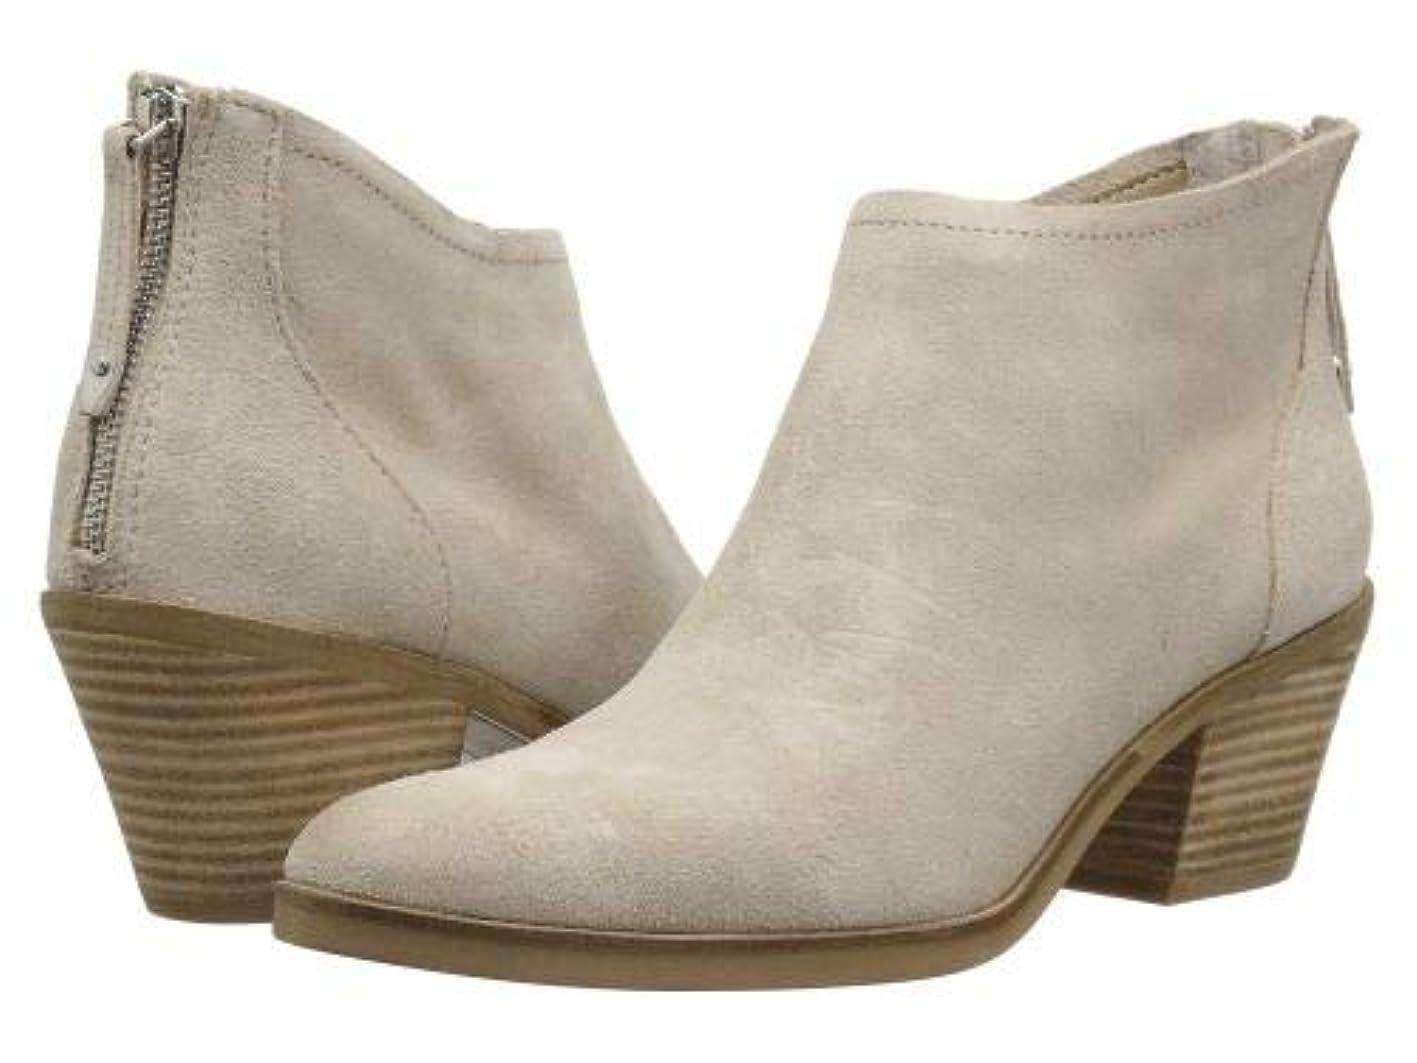 好き文庫本スナックDolce Vita(ドルチェヴィータ) レディース 女性用 シューズ 靴 ブーツ アンクルブーツ ショート Emmit - Light Taupe Suede [並行輸入品]